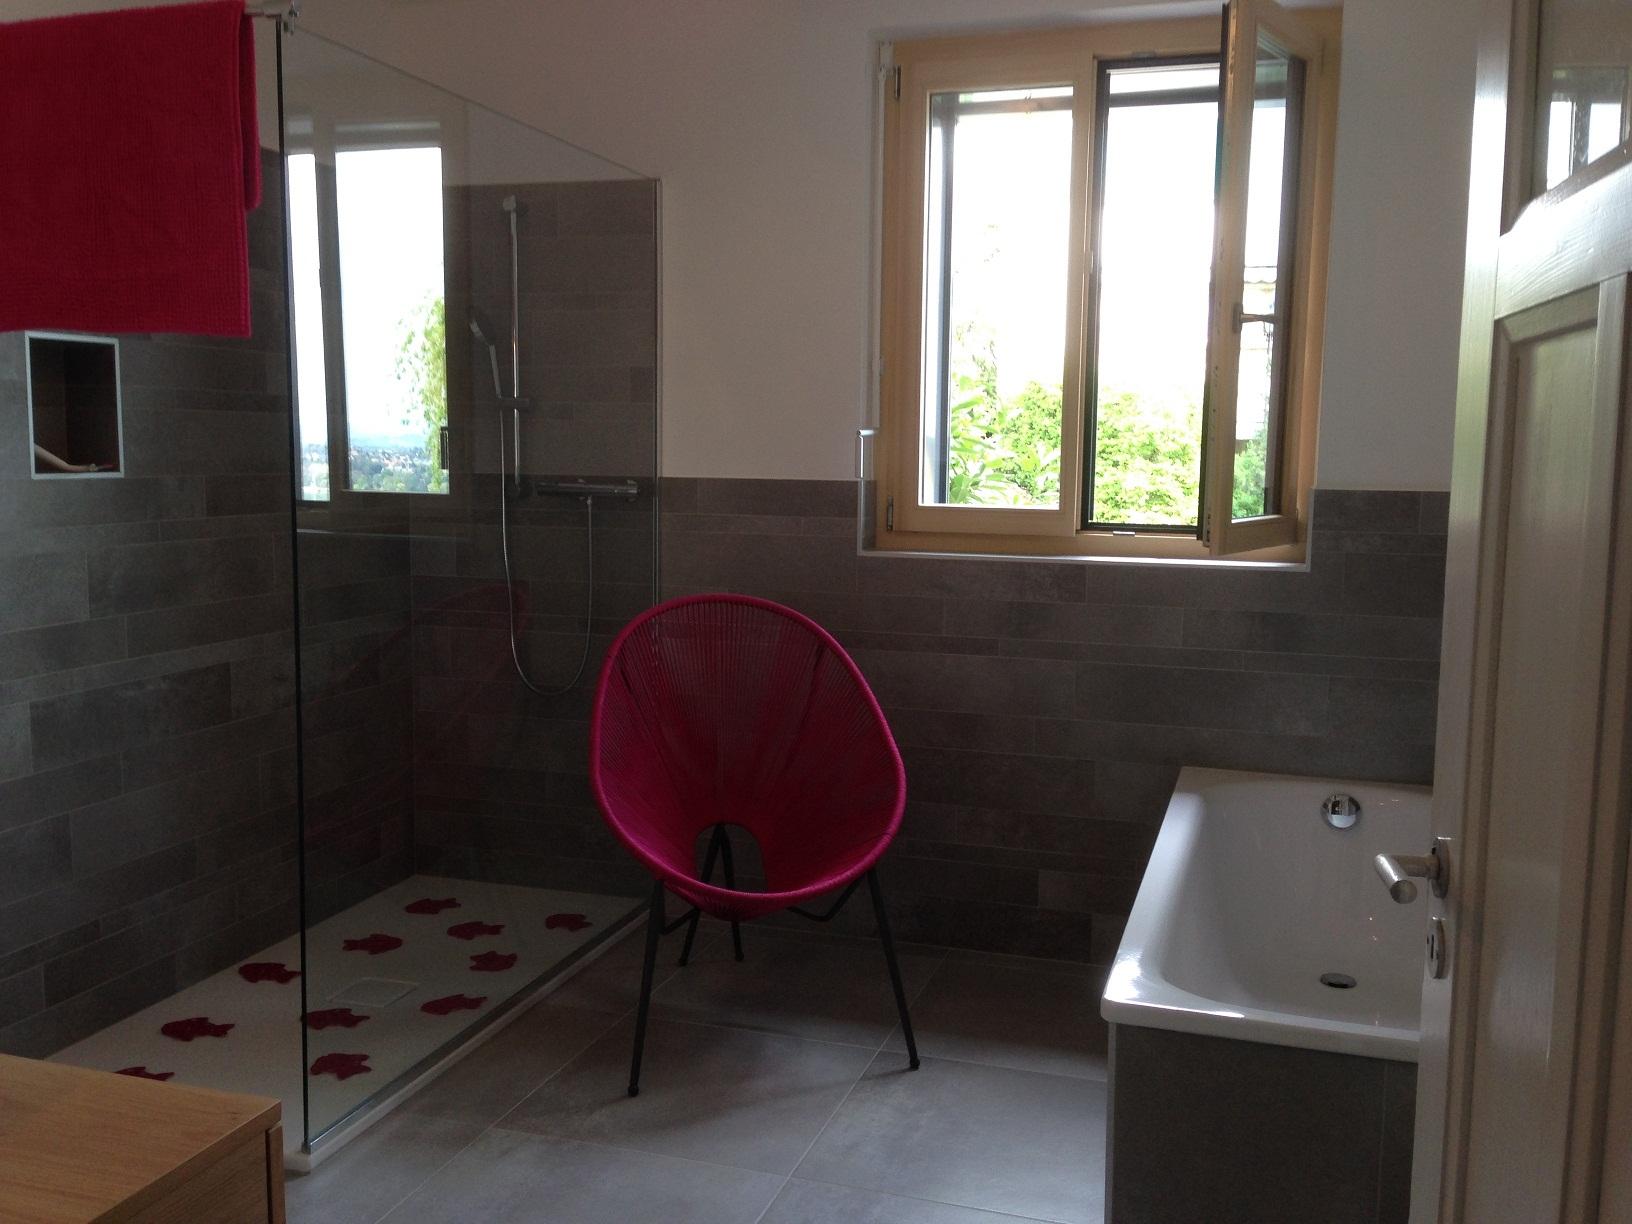 Clos soleil l appartement for Douche italienne appartement